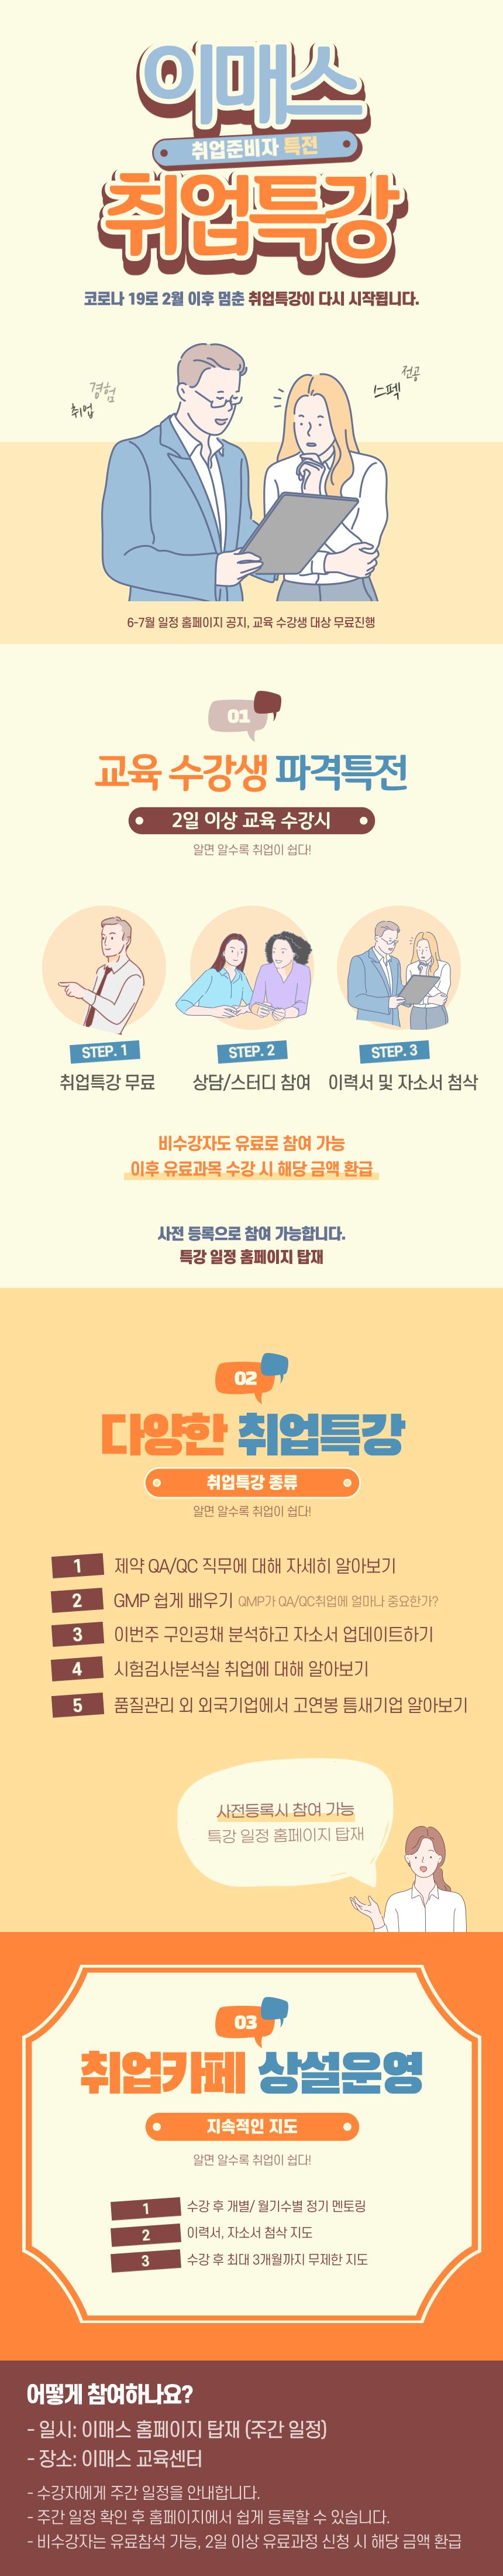 취업특강소개_2020-1.png